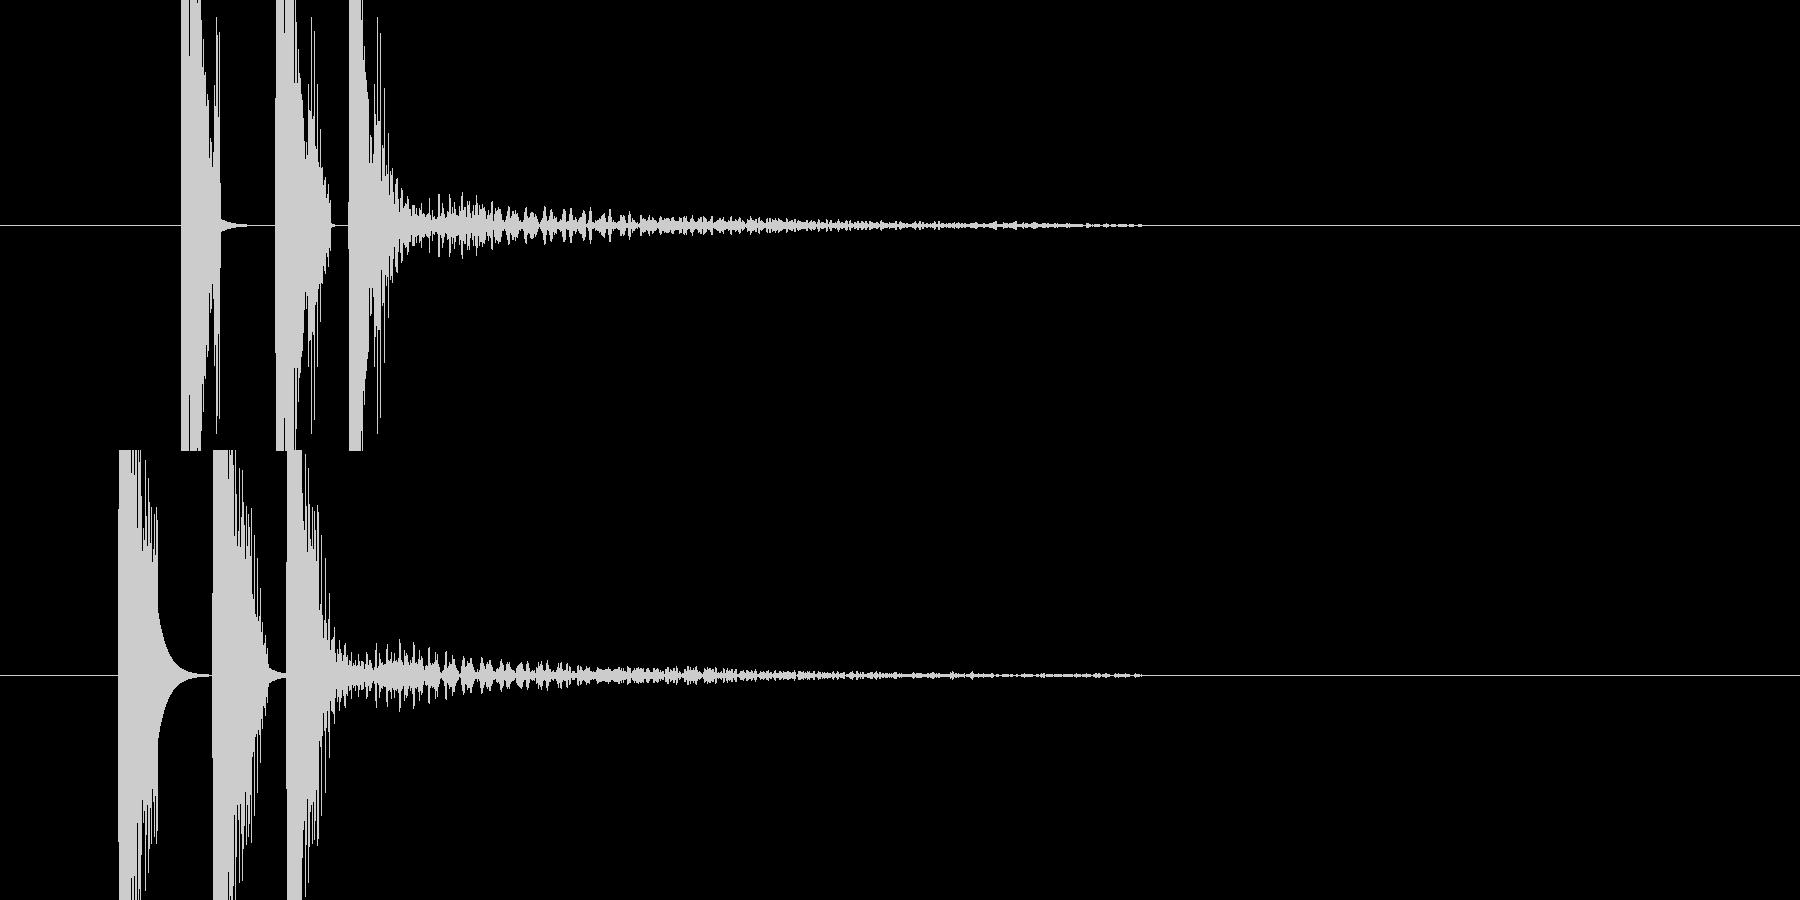 ヒュンの連打音(発射音)の未再生の波形